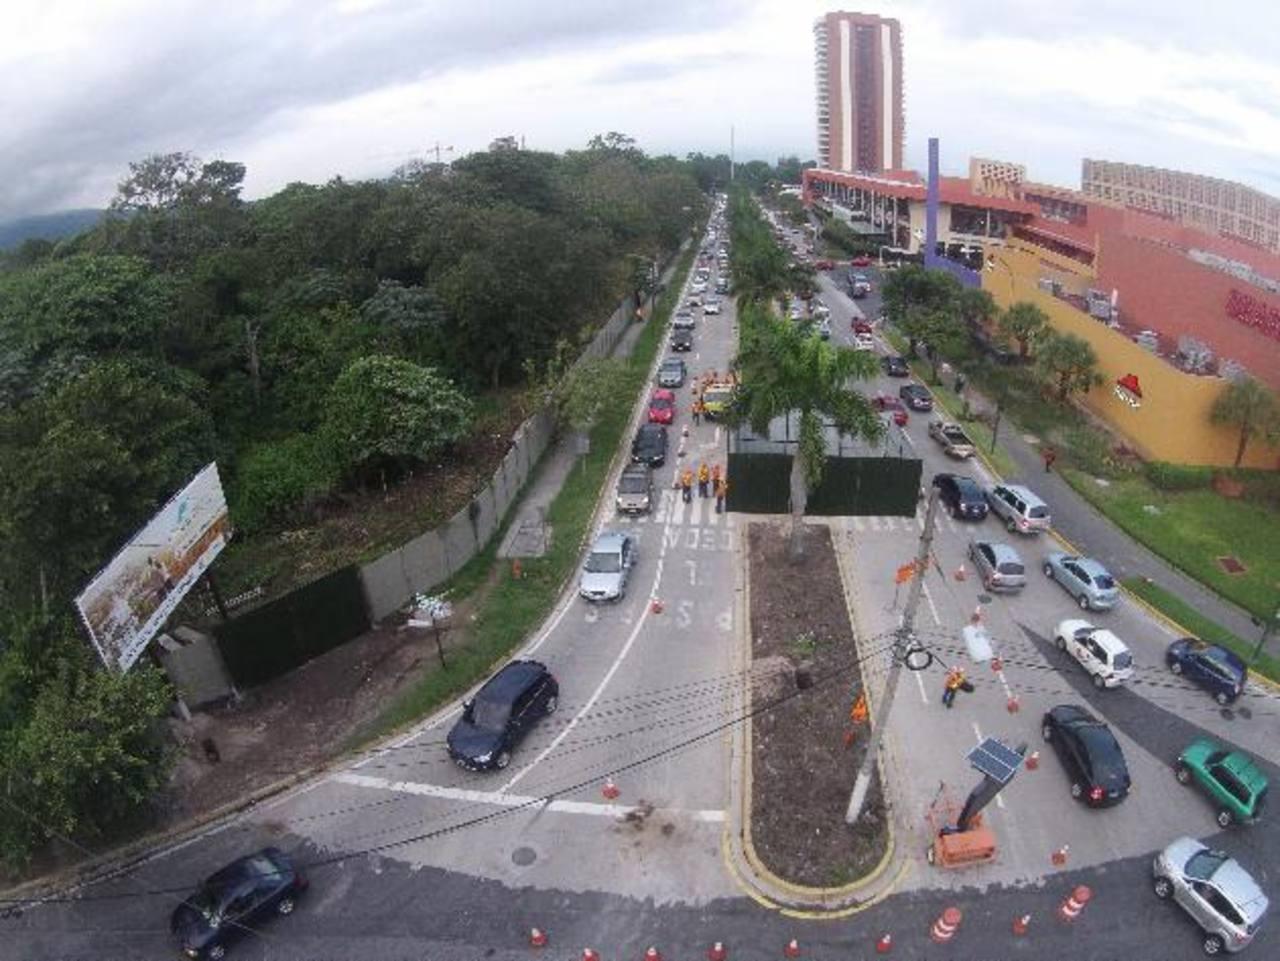 """Desde el jueves, la empresa constructora inició con trabajos """"preparativos"""" en las calles aledañas a la zona del redondel de las Naciones Unidas. Foto EDH / marvin rodríguez"""